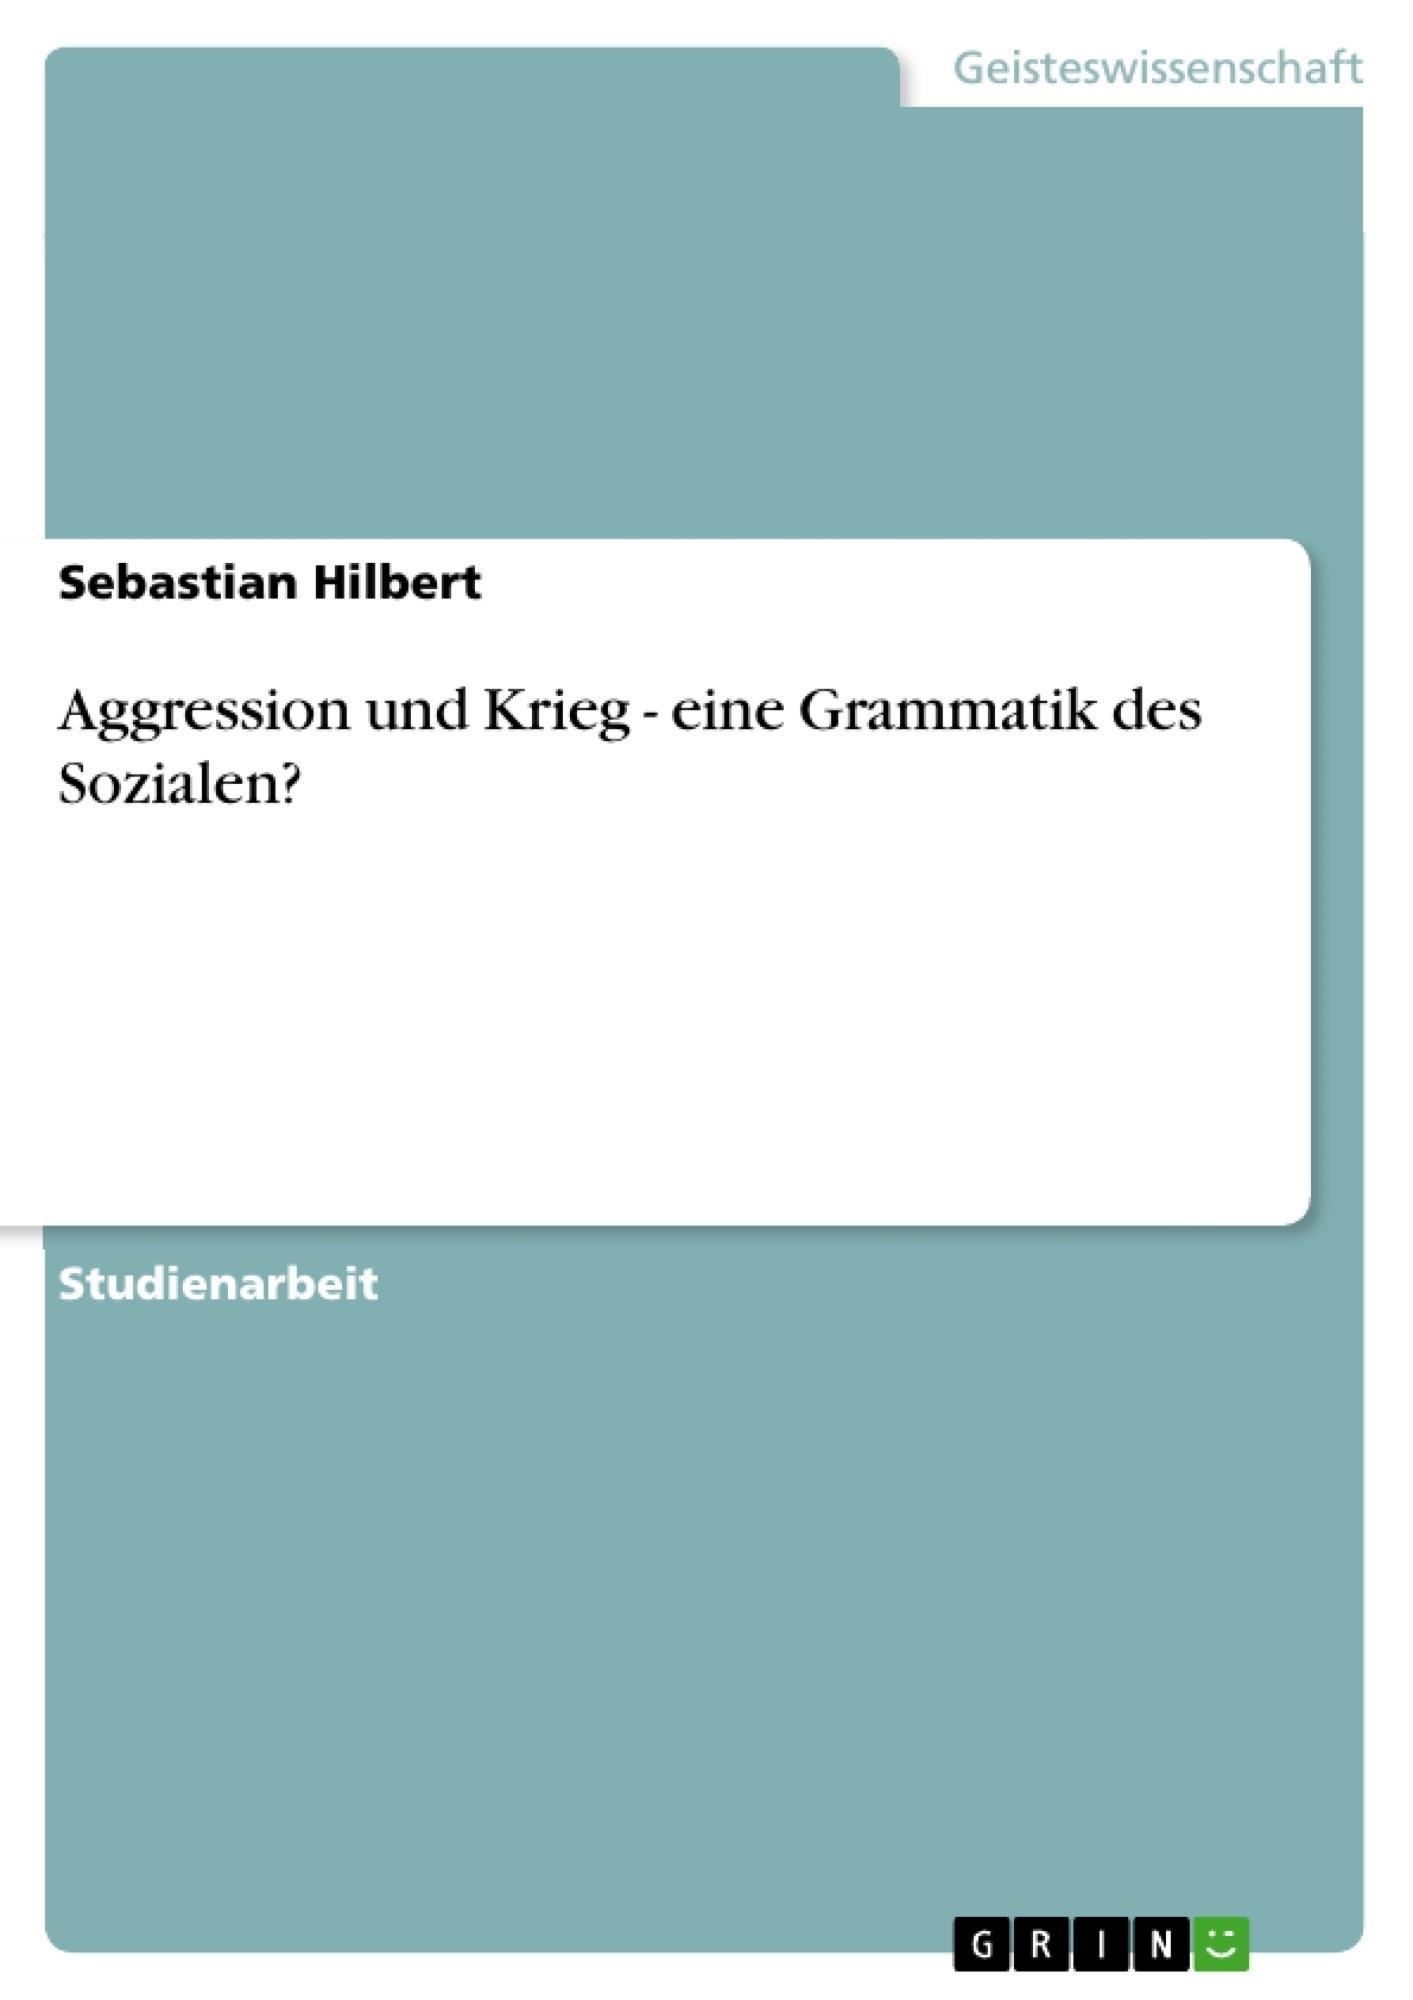 Titel: Aggression und Krieg - eine Grammatik des Sozialen?